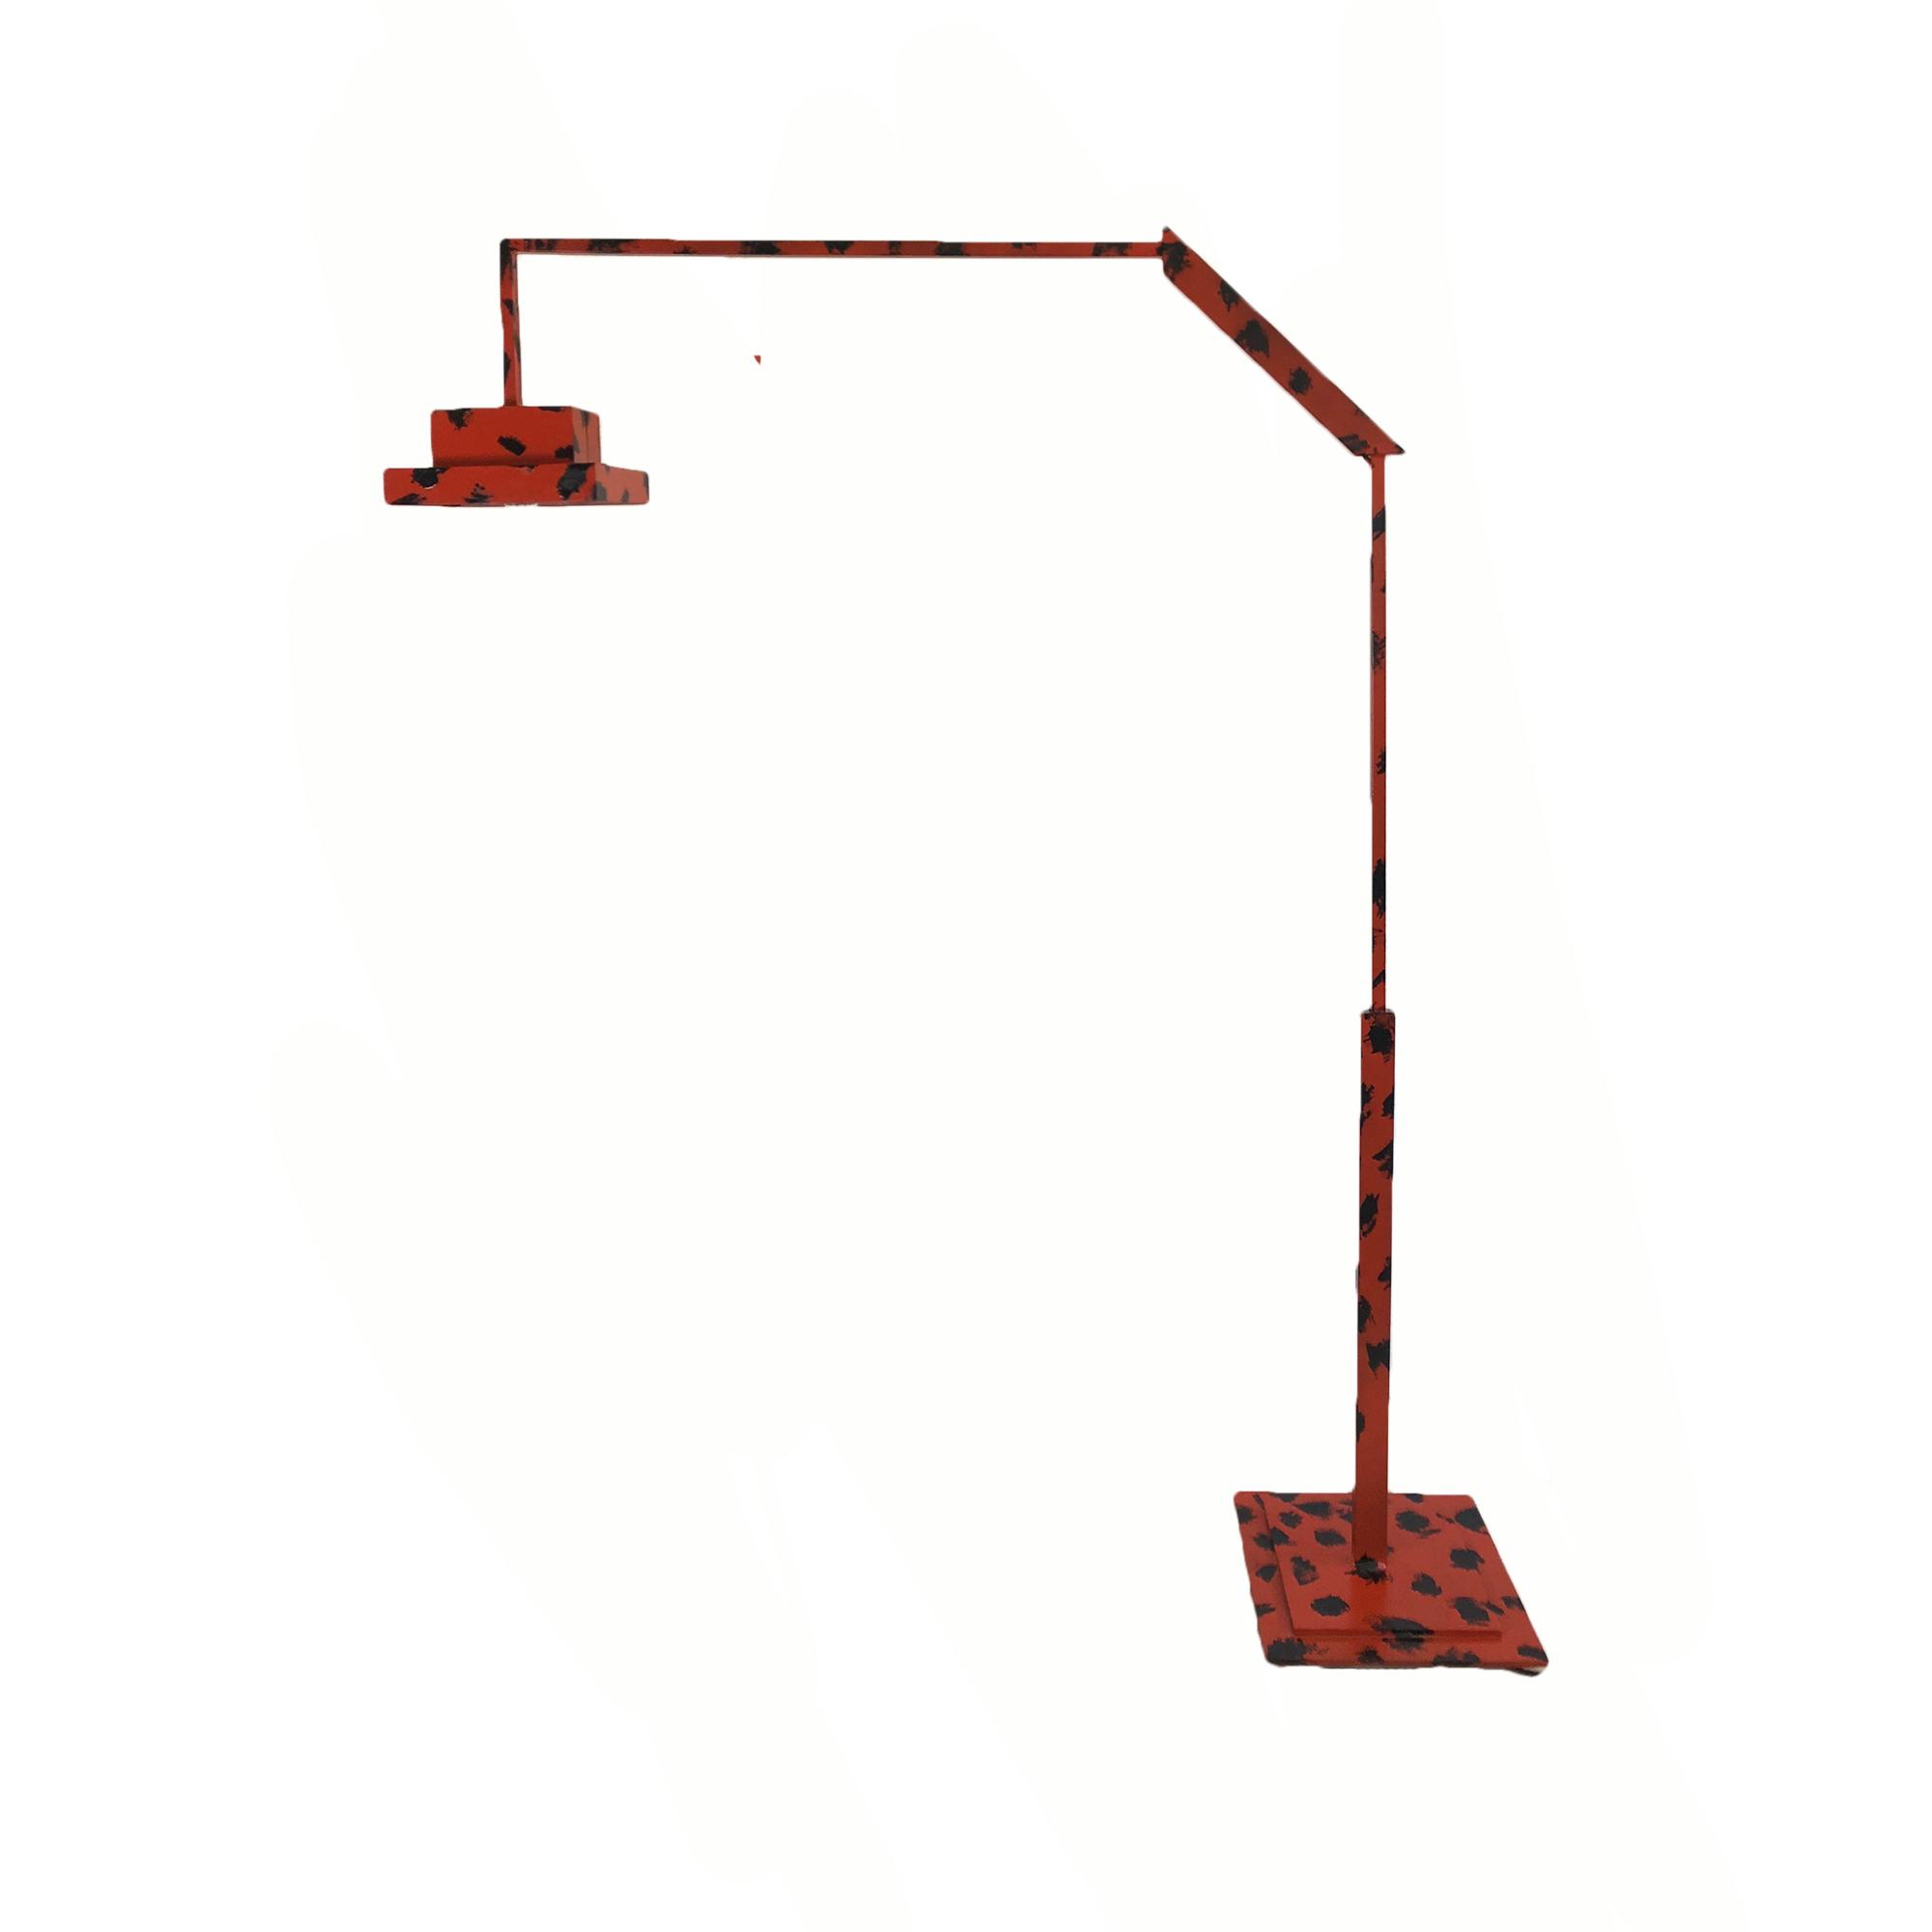 FLOCKING LAMP BY KSENIA PEDAN